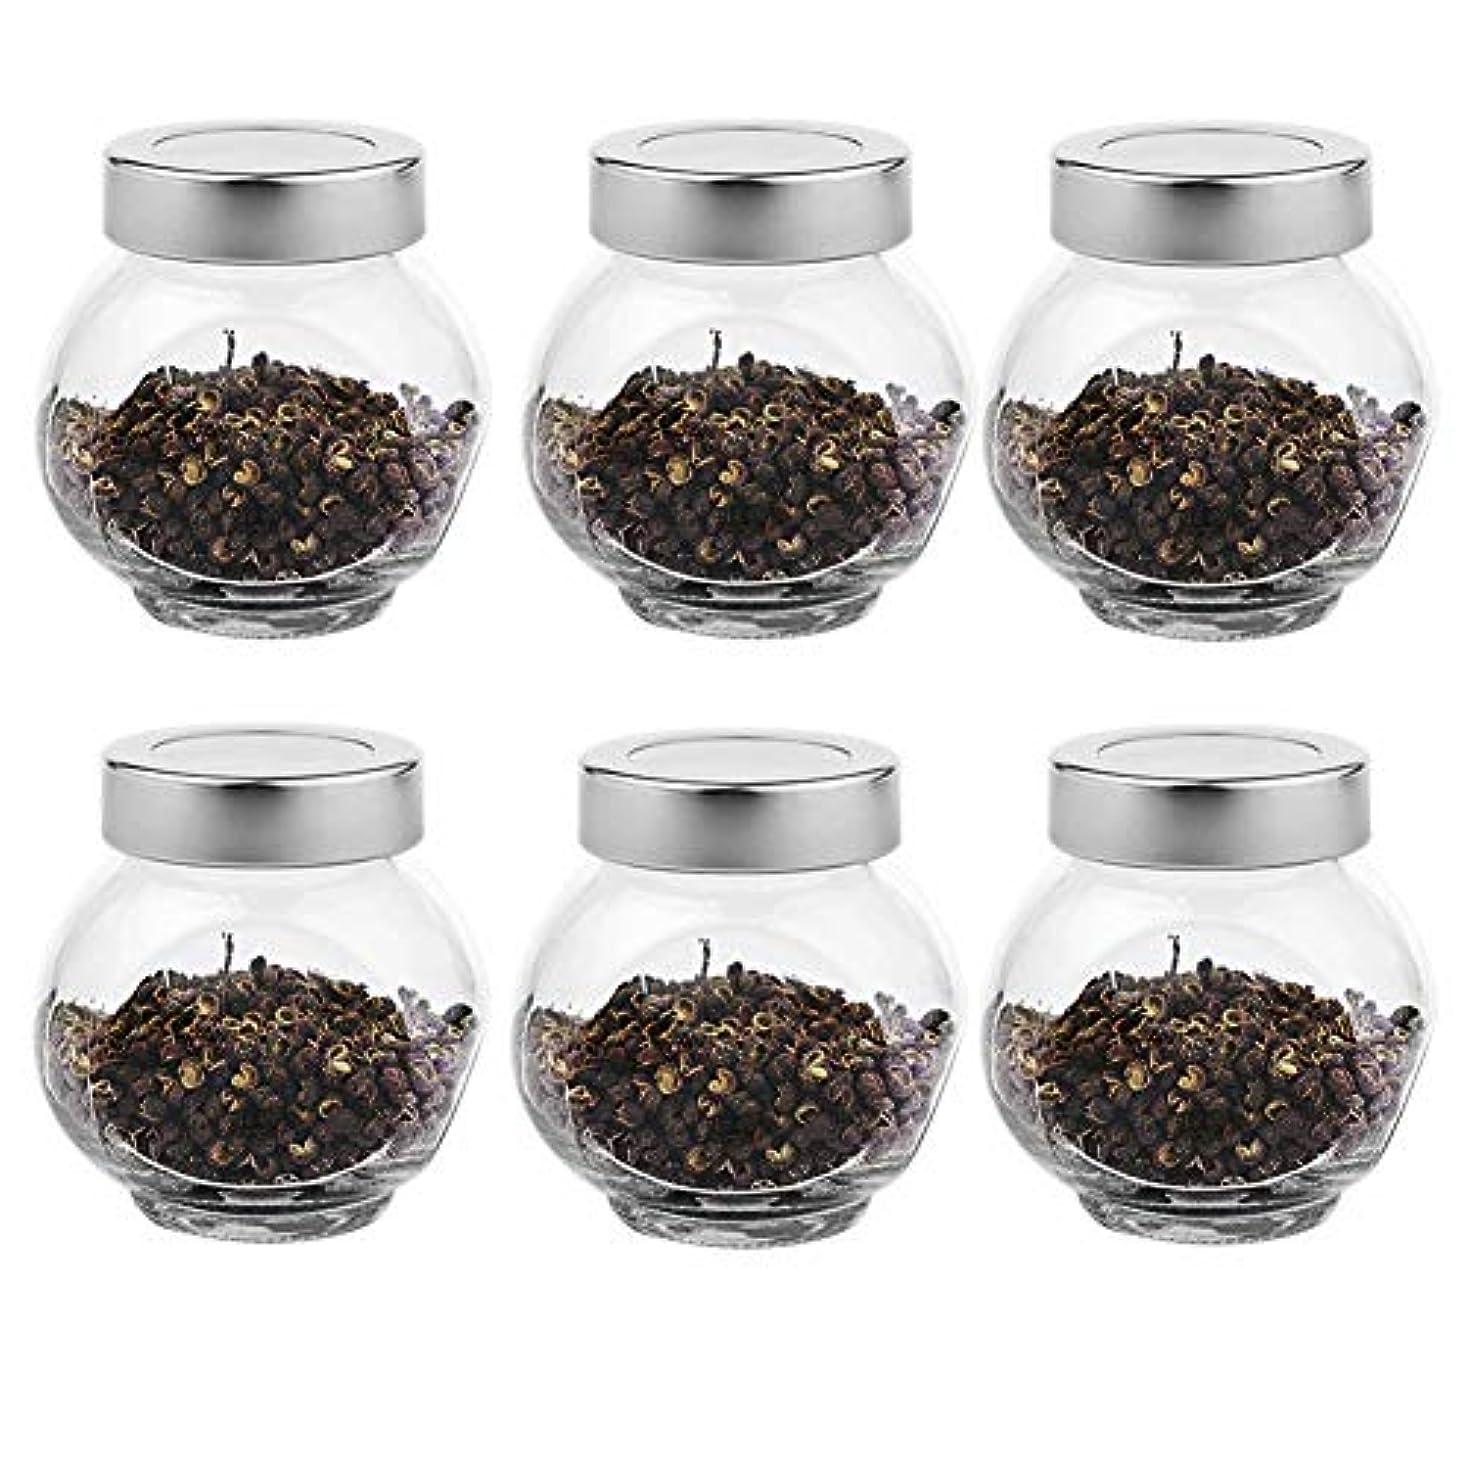 話をする不機嫌そうなキャリッジ6つの透明ガラス貯蔵容器茶/季節密封缶(200 ml)の貯蔵ジャーパック